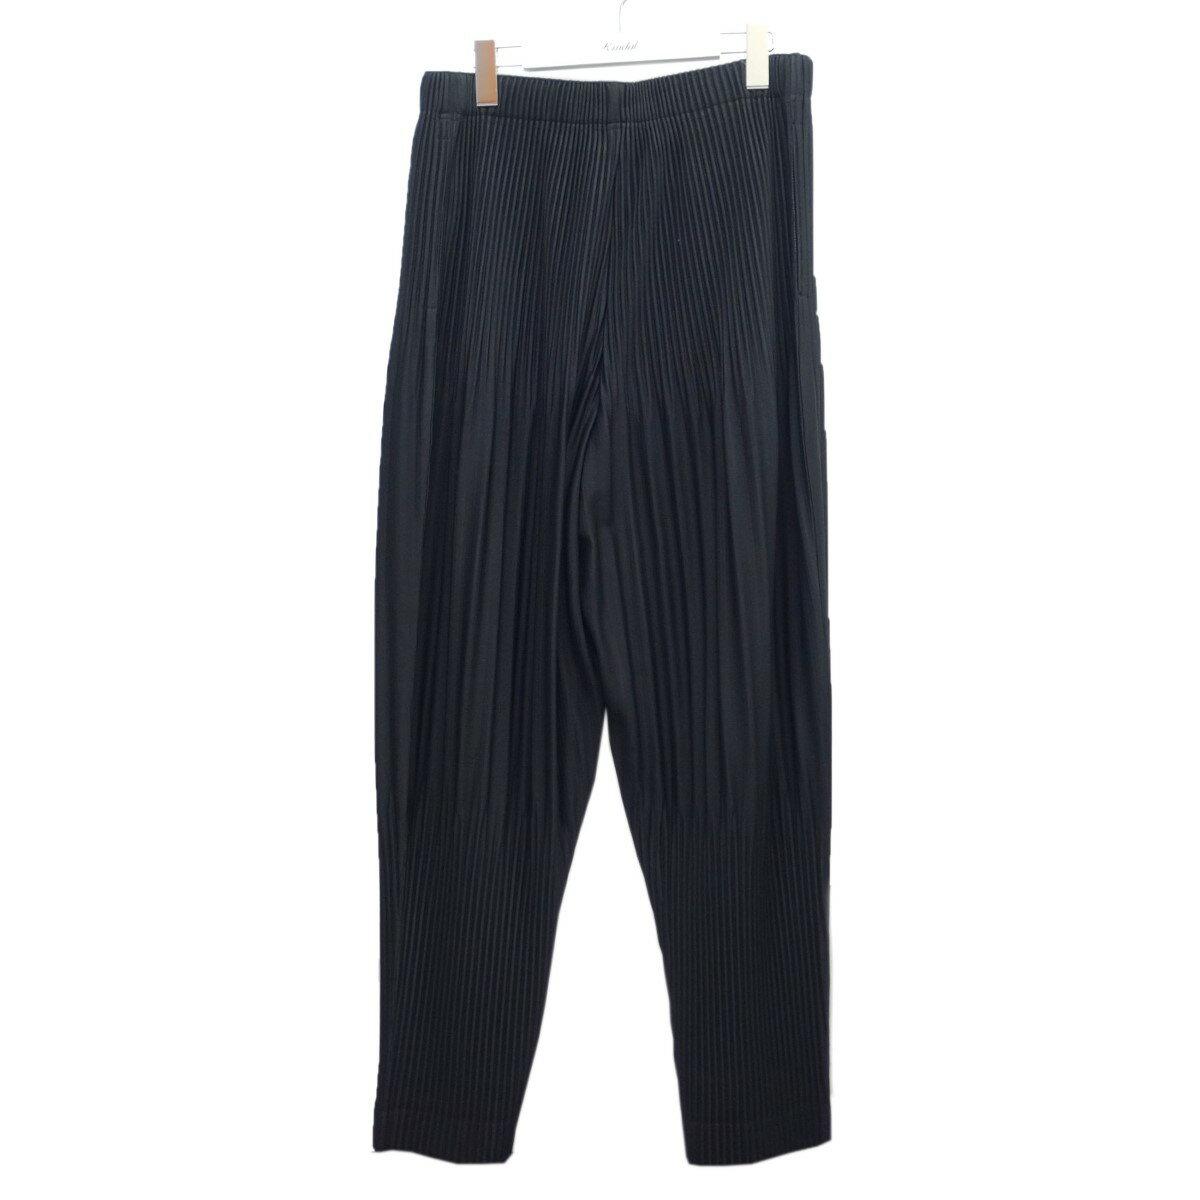 メンズファッション, ズボン・パンツ HOMME PLISSE ISSEY MIYAKE 2 081020